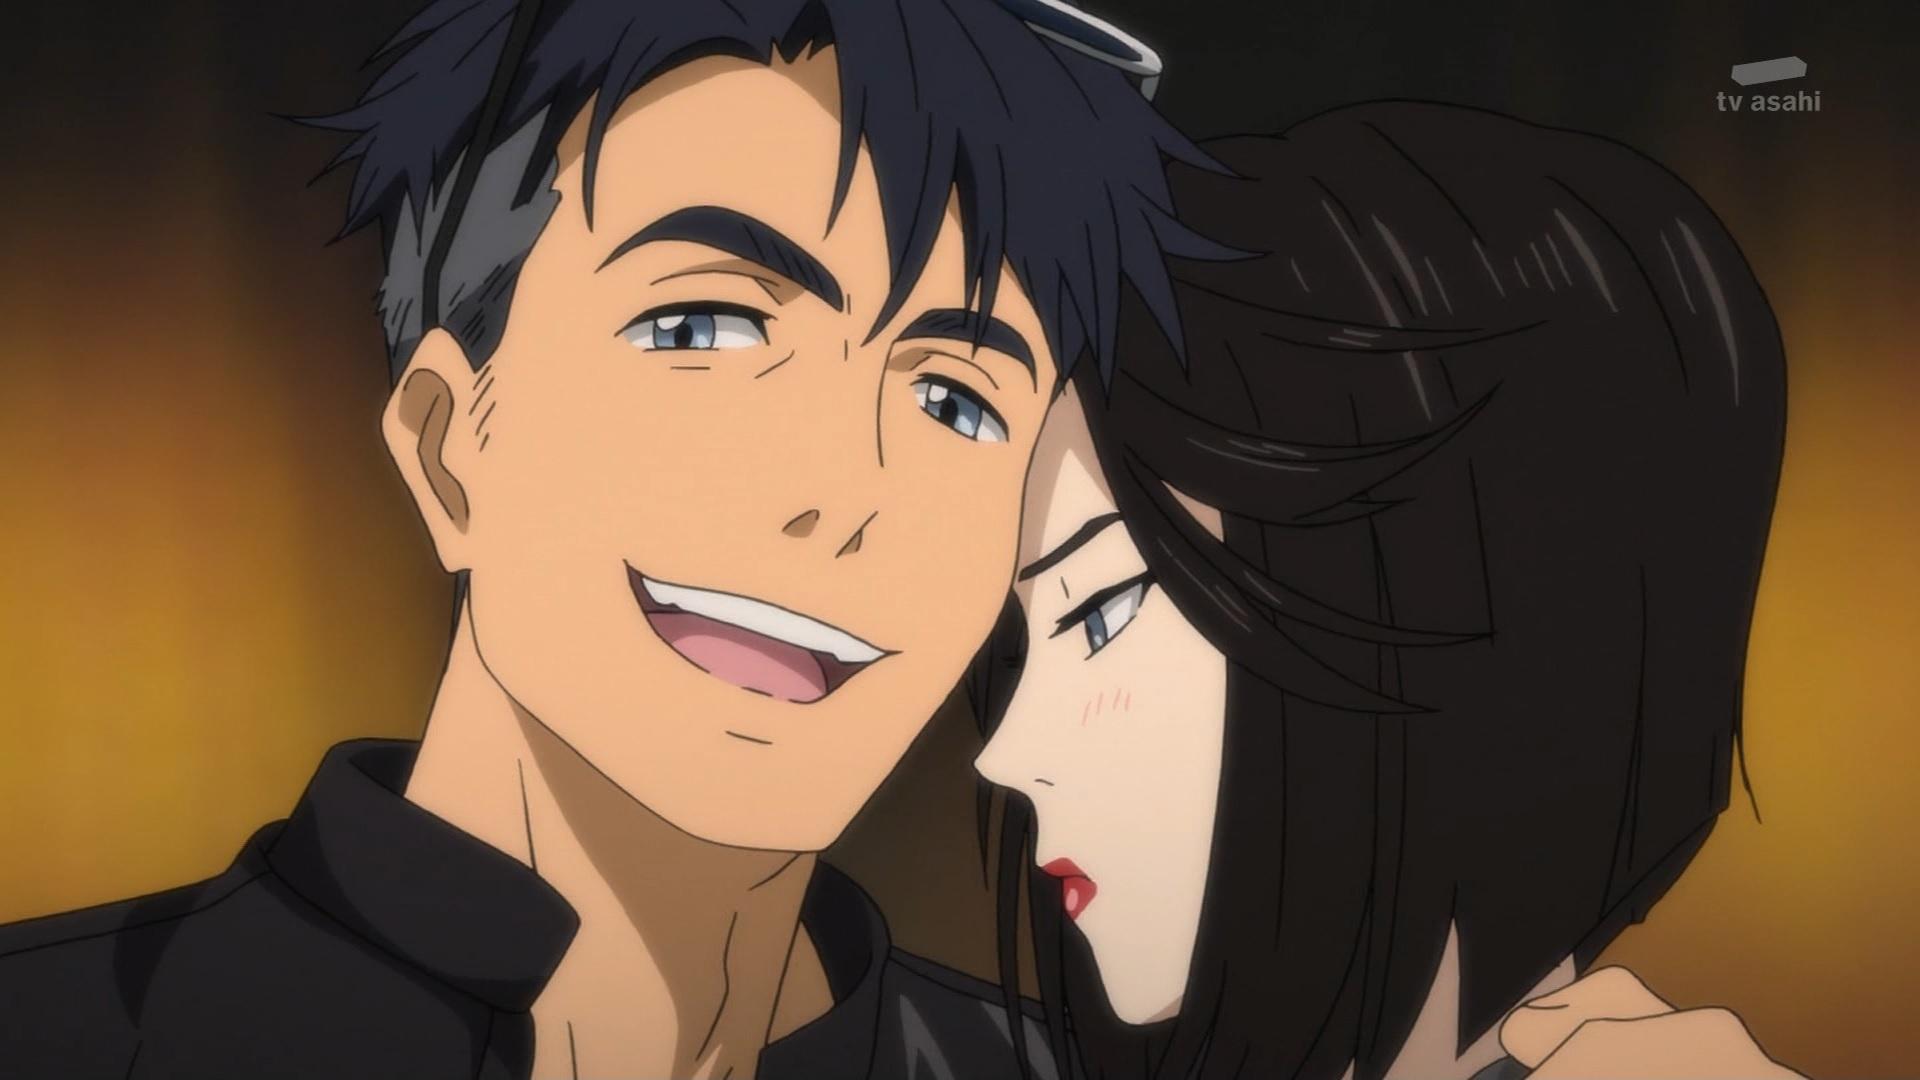 JJと彼女(第10話画像)